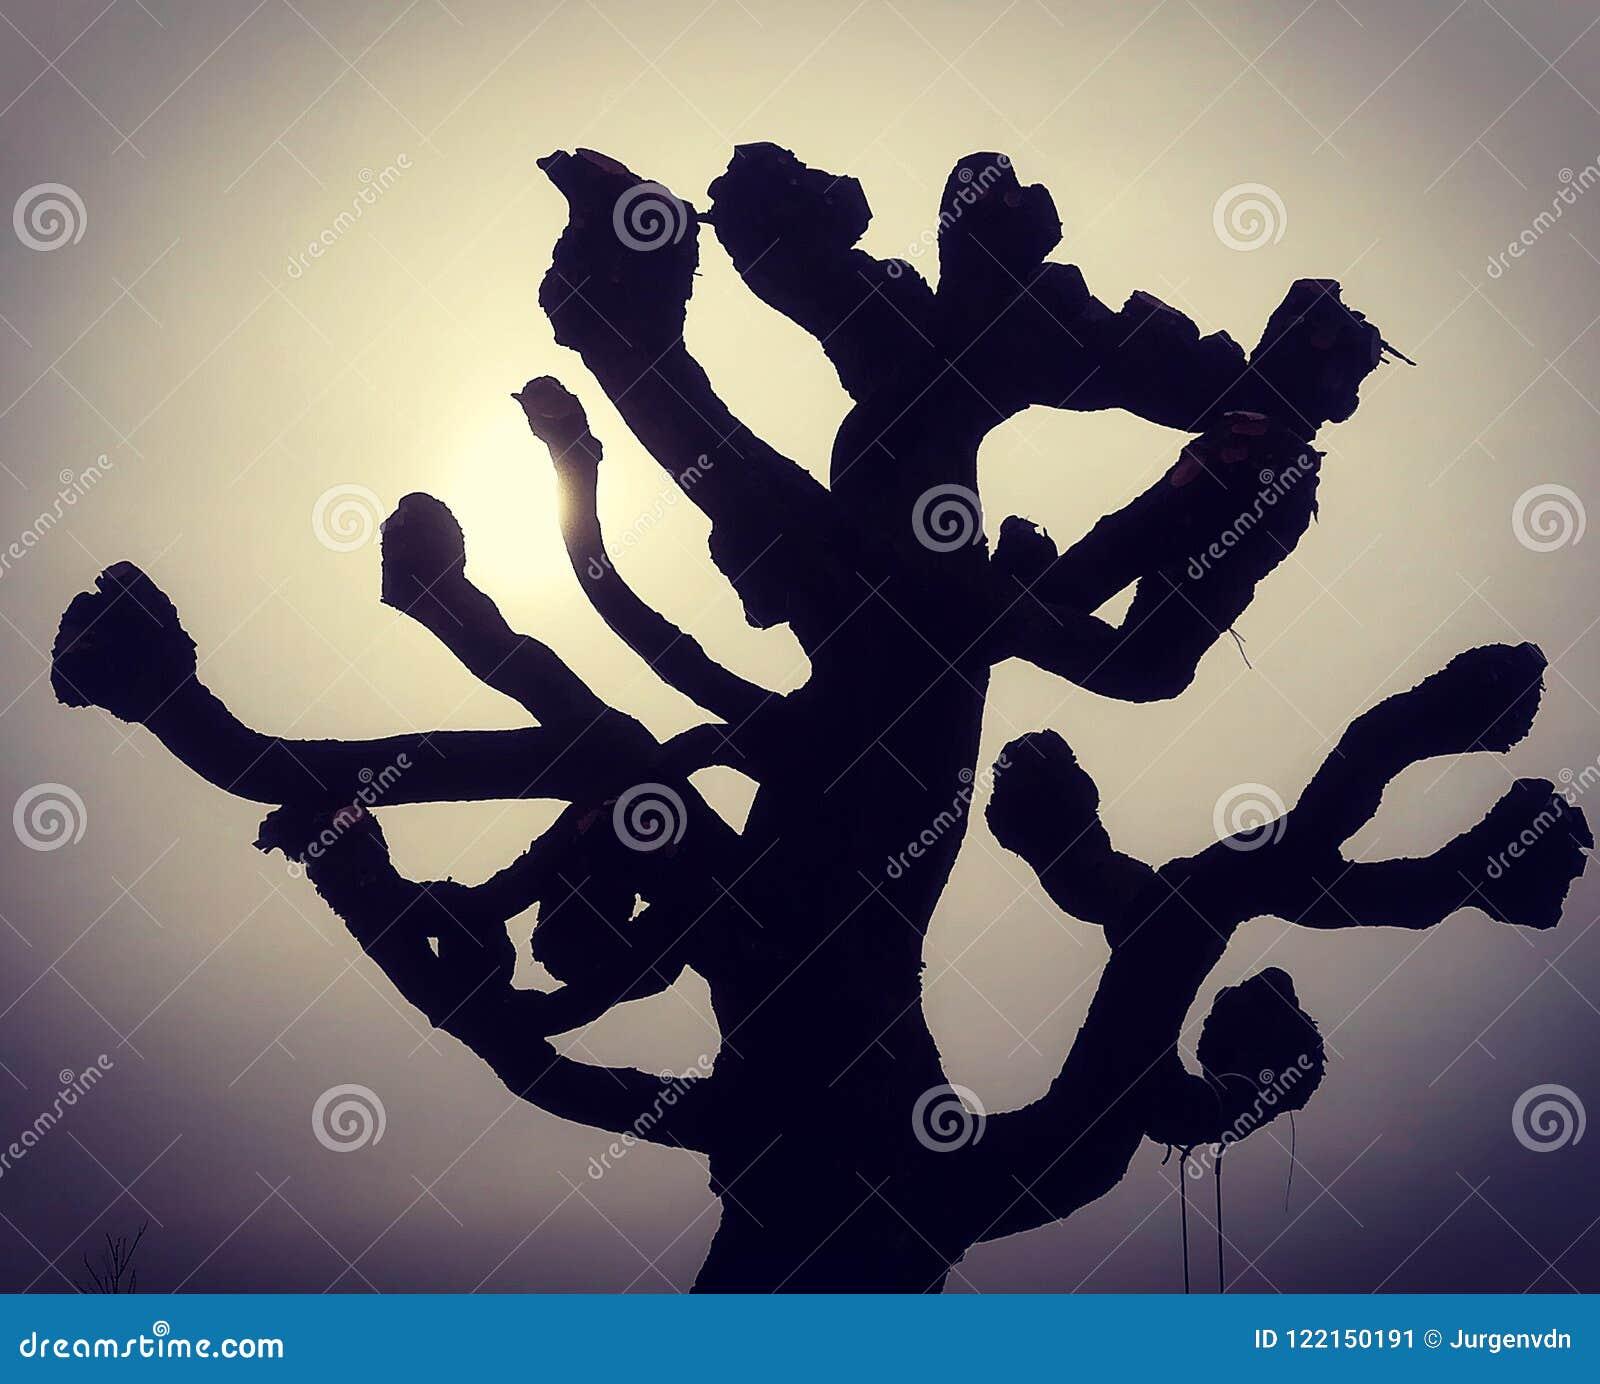 Schneiden Sie Weidenbaum In Der Aura Der Untergehenden Sonne